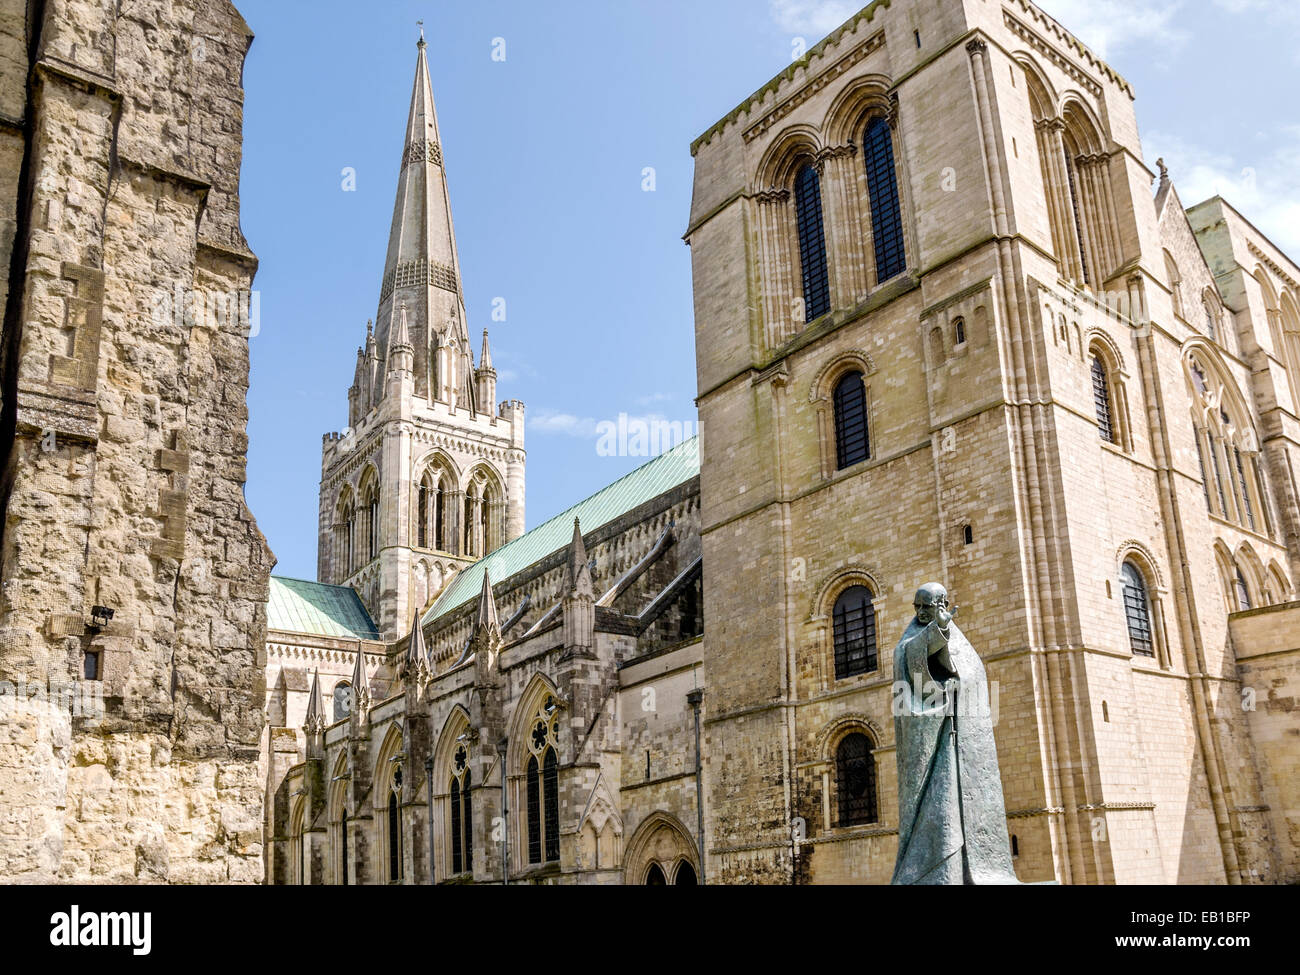 Chichester Cathedral in der Grafschaft West Sussex, England. Stockbild